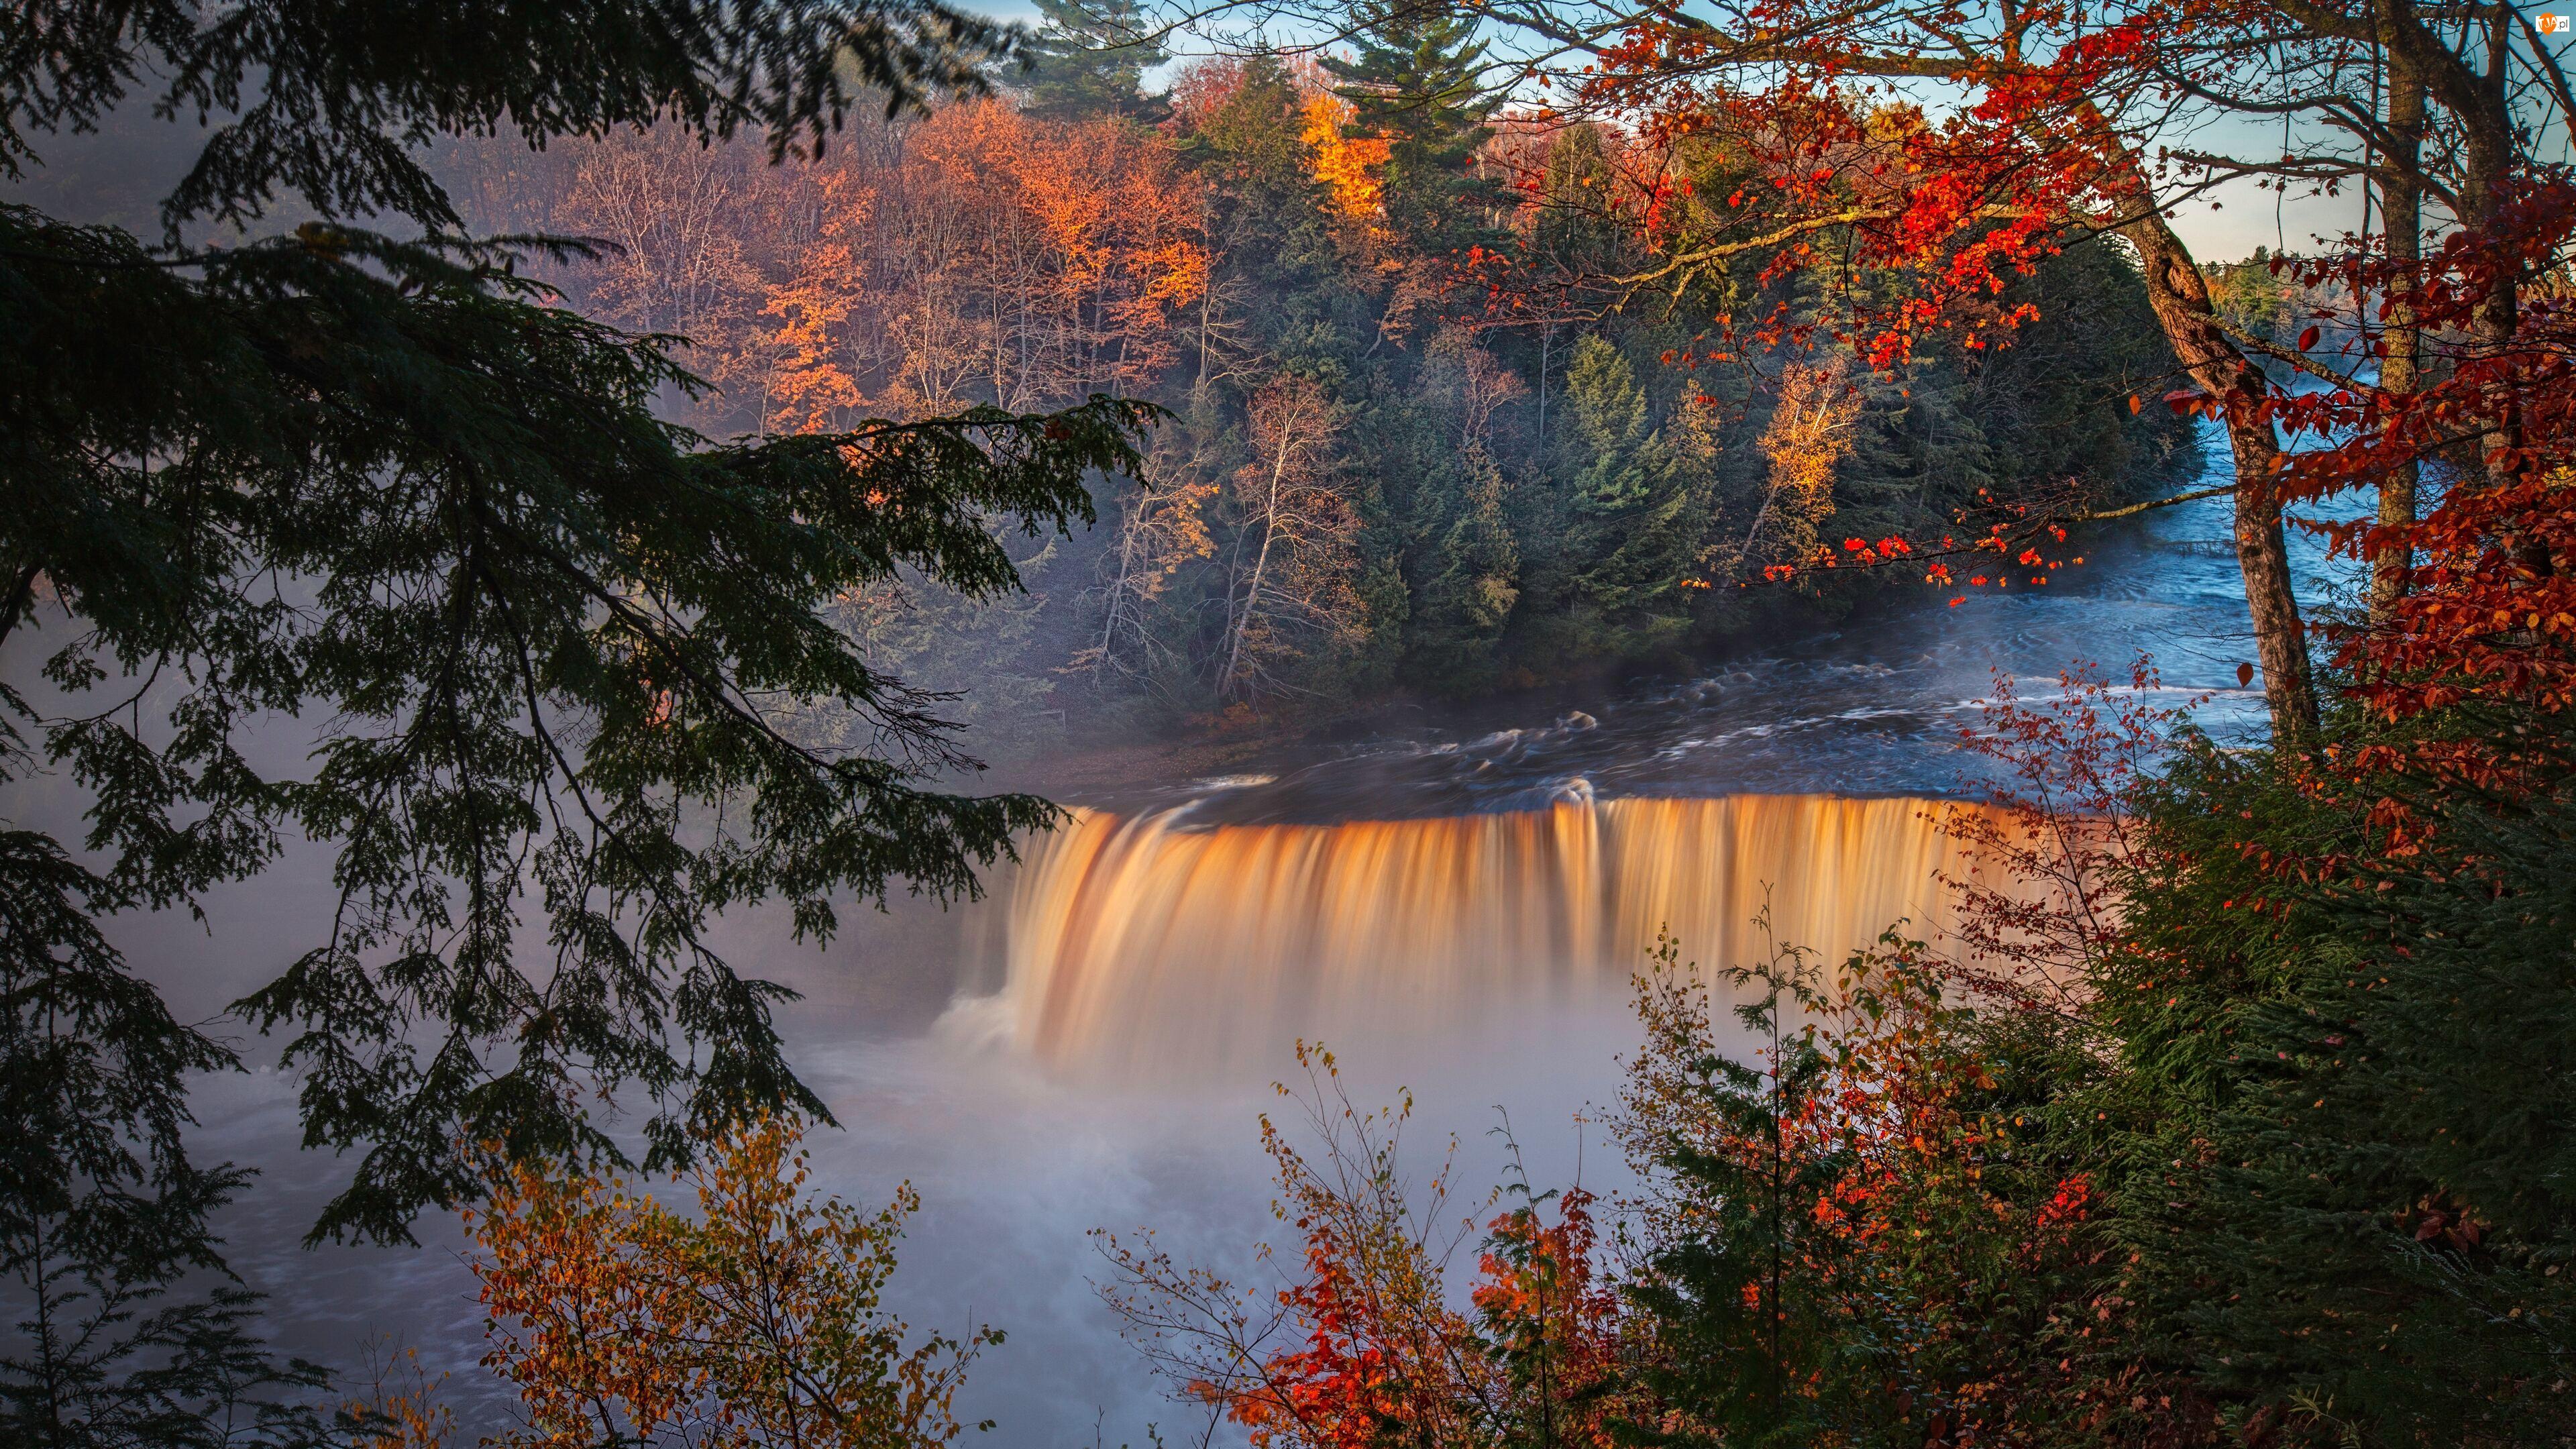 Stany Zjednoczone, Tahquamenon Falls, Stan Michigan, Jesień, Miejscowość Paradise, Las, Drzewa, Wodospad, Rzeka Tahquamenon